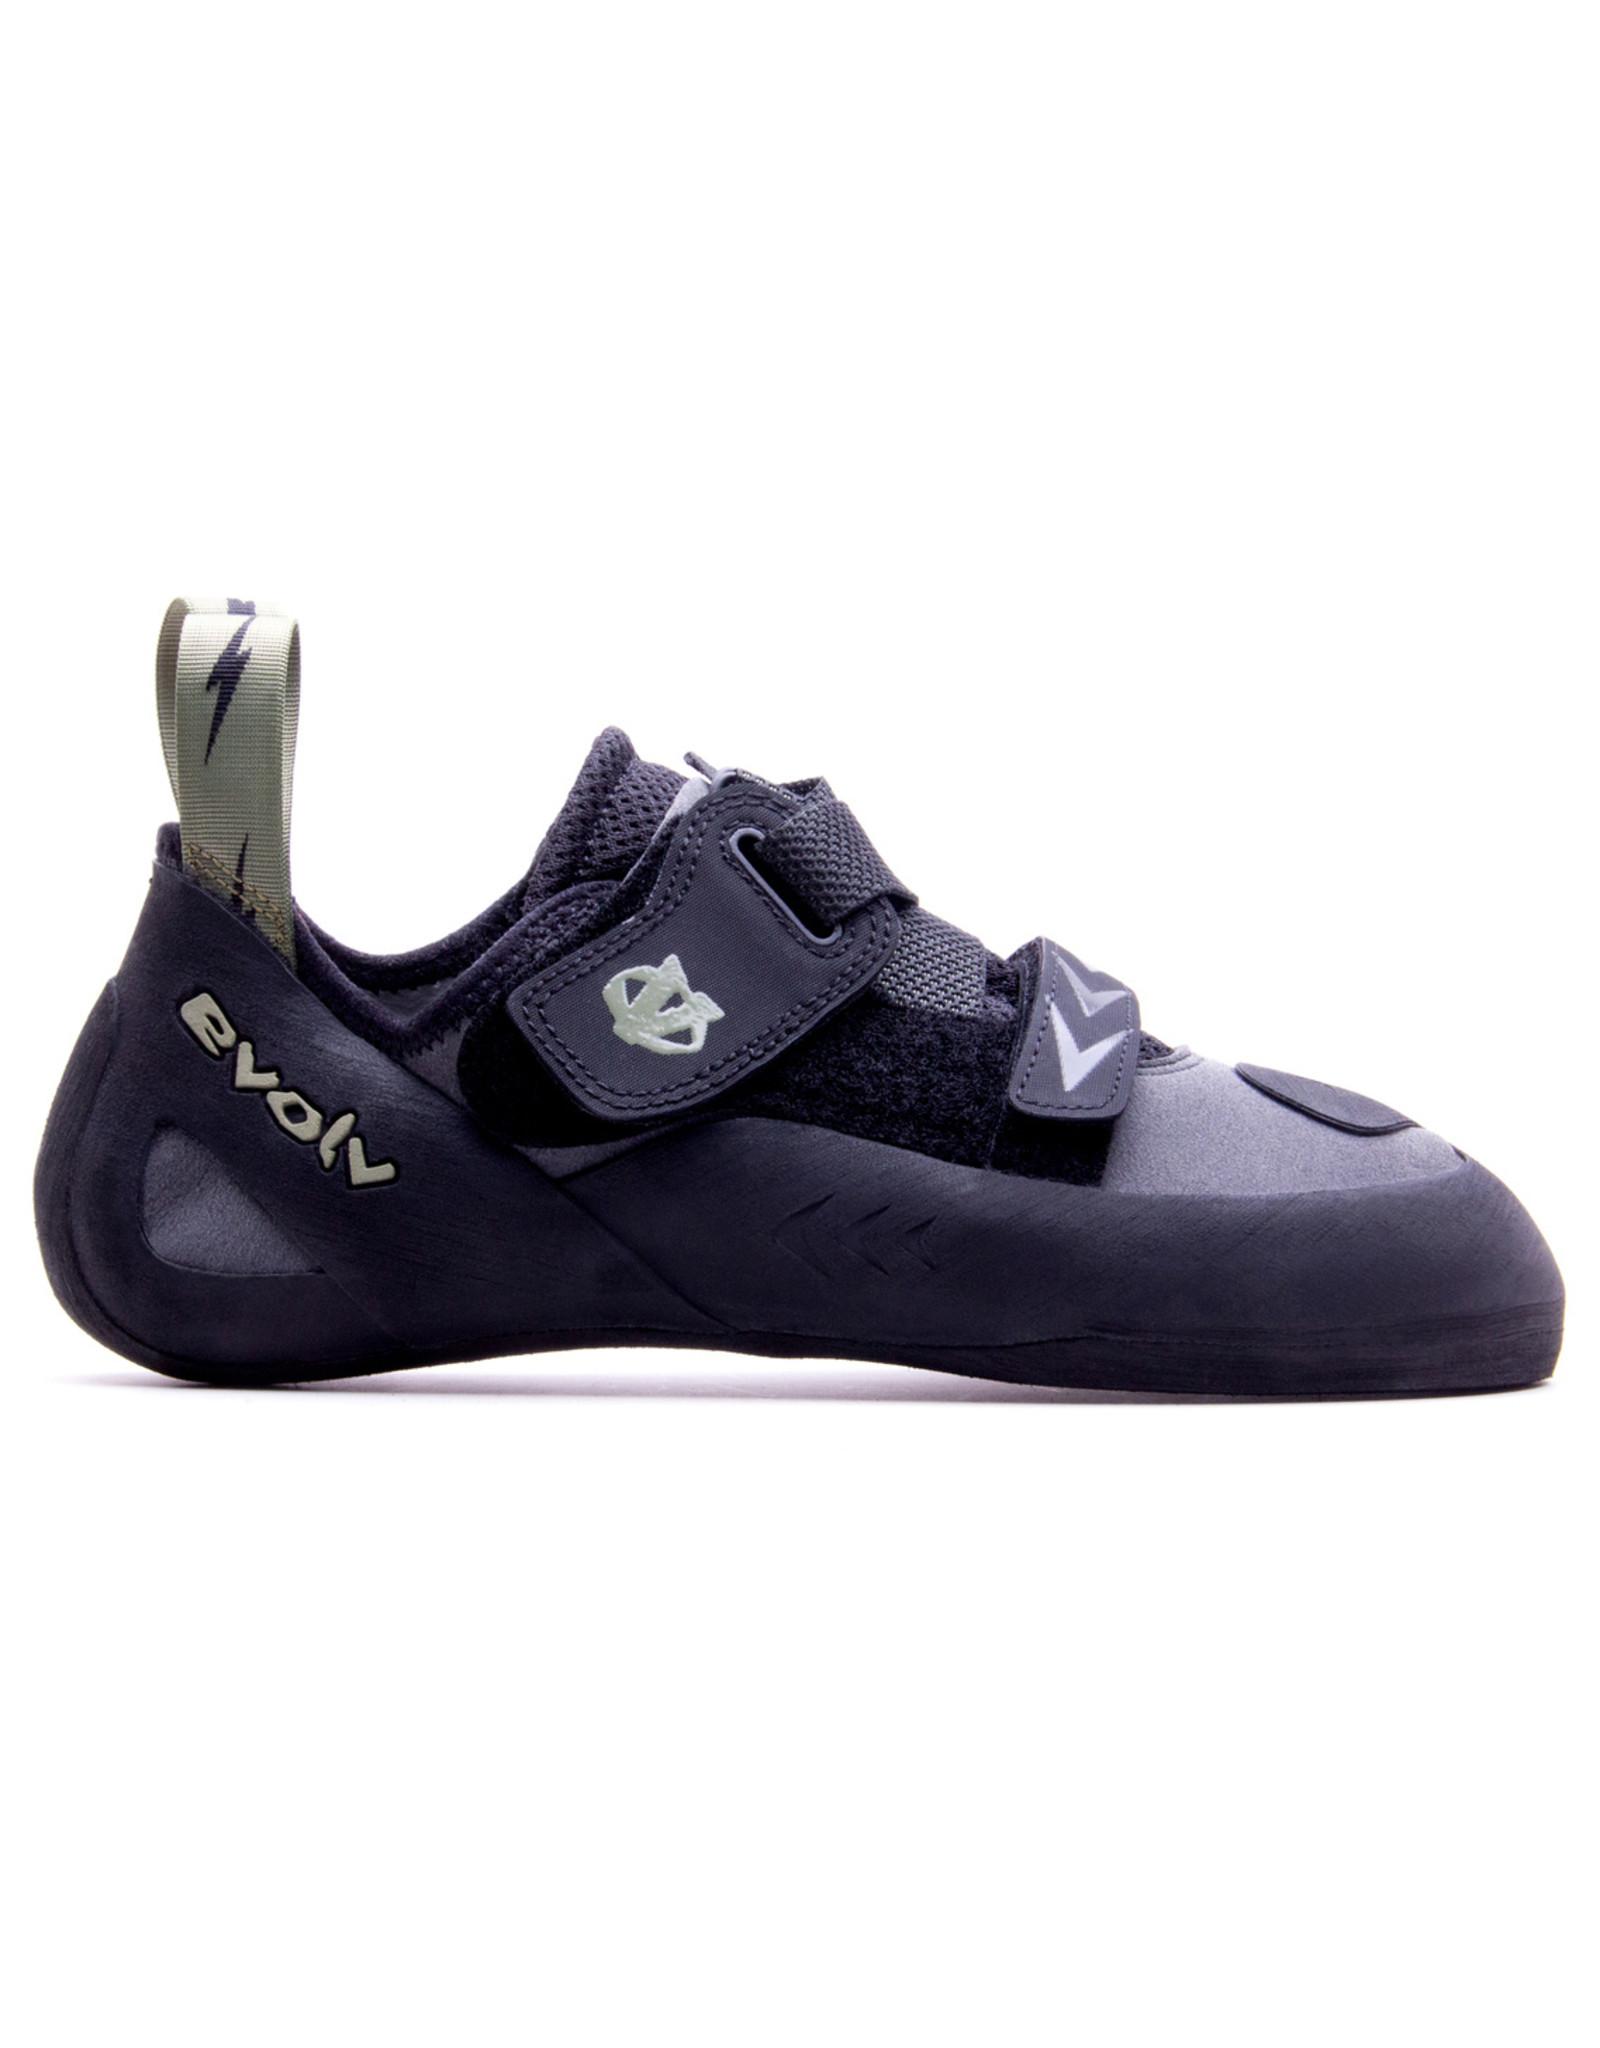 Evolv Evolv Kronos Climbing Shoes